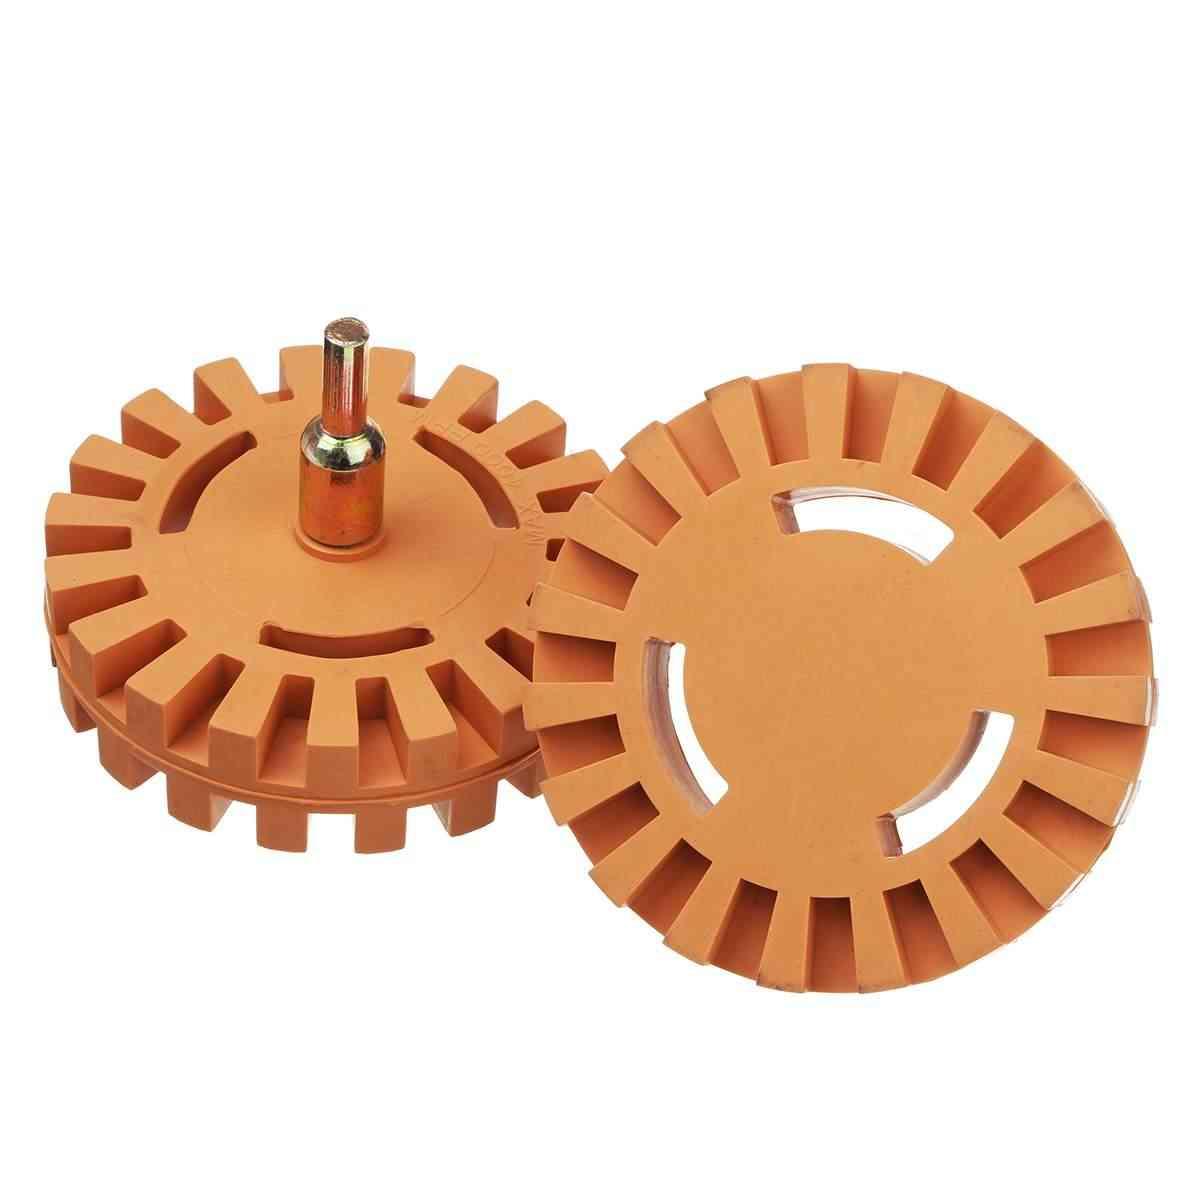 Adaptateur universel de roue à gomme en caoutchouc de 4 pouces | Pour enlever la colle de voiture, autocollant autocollant à rayures graphiques, outil de peinture pour réparation automobile